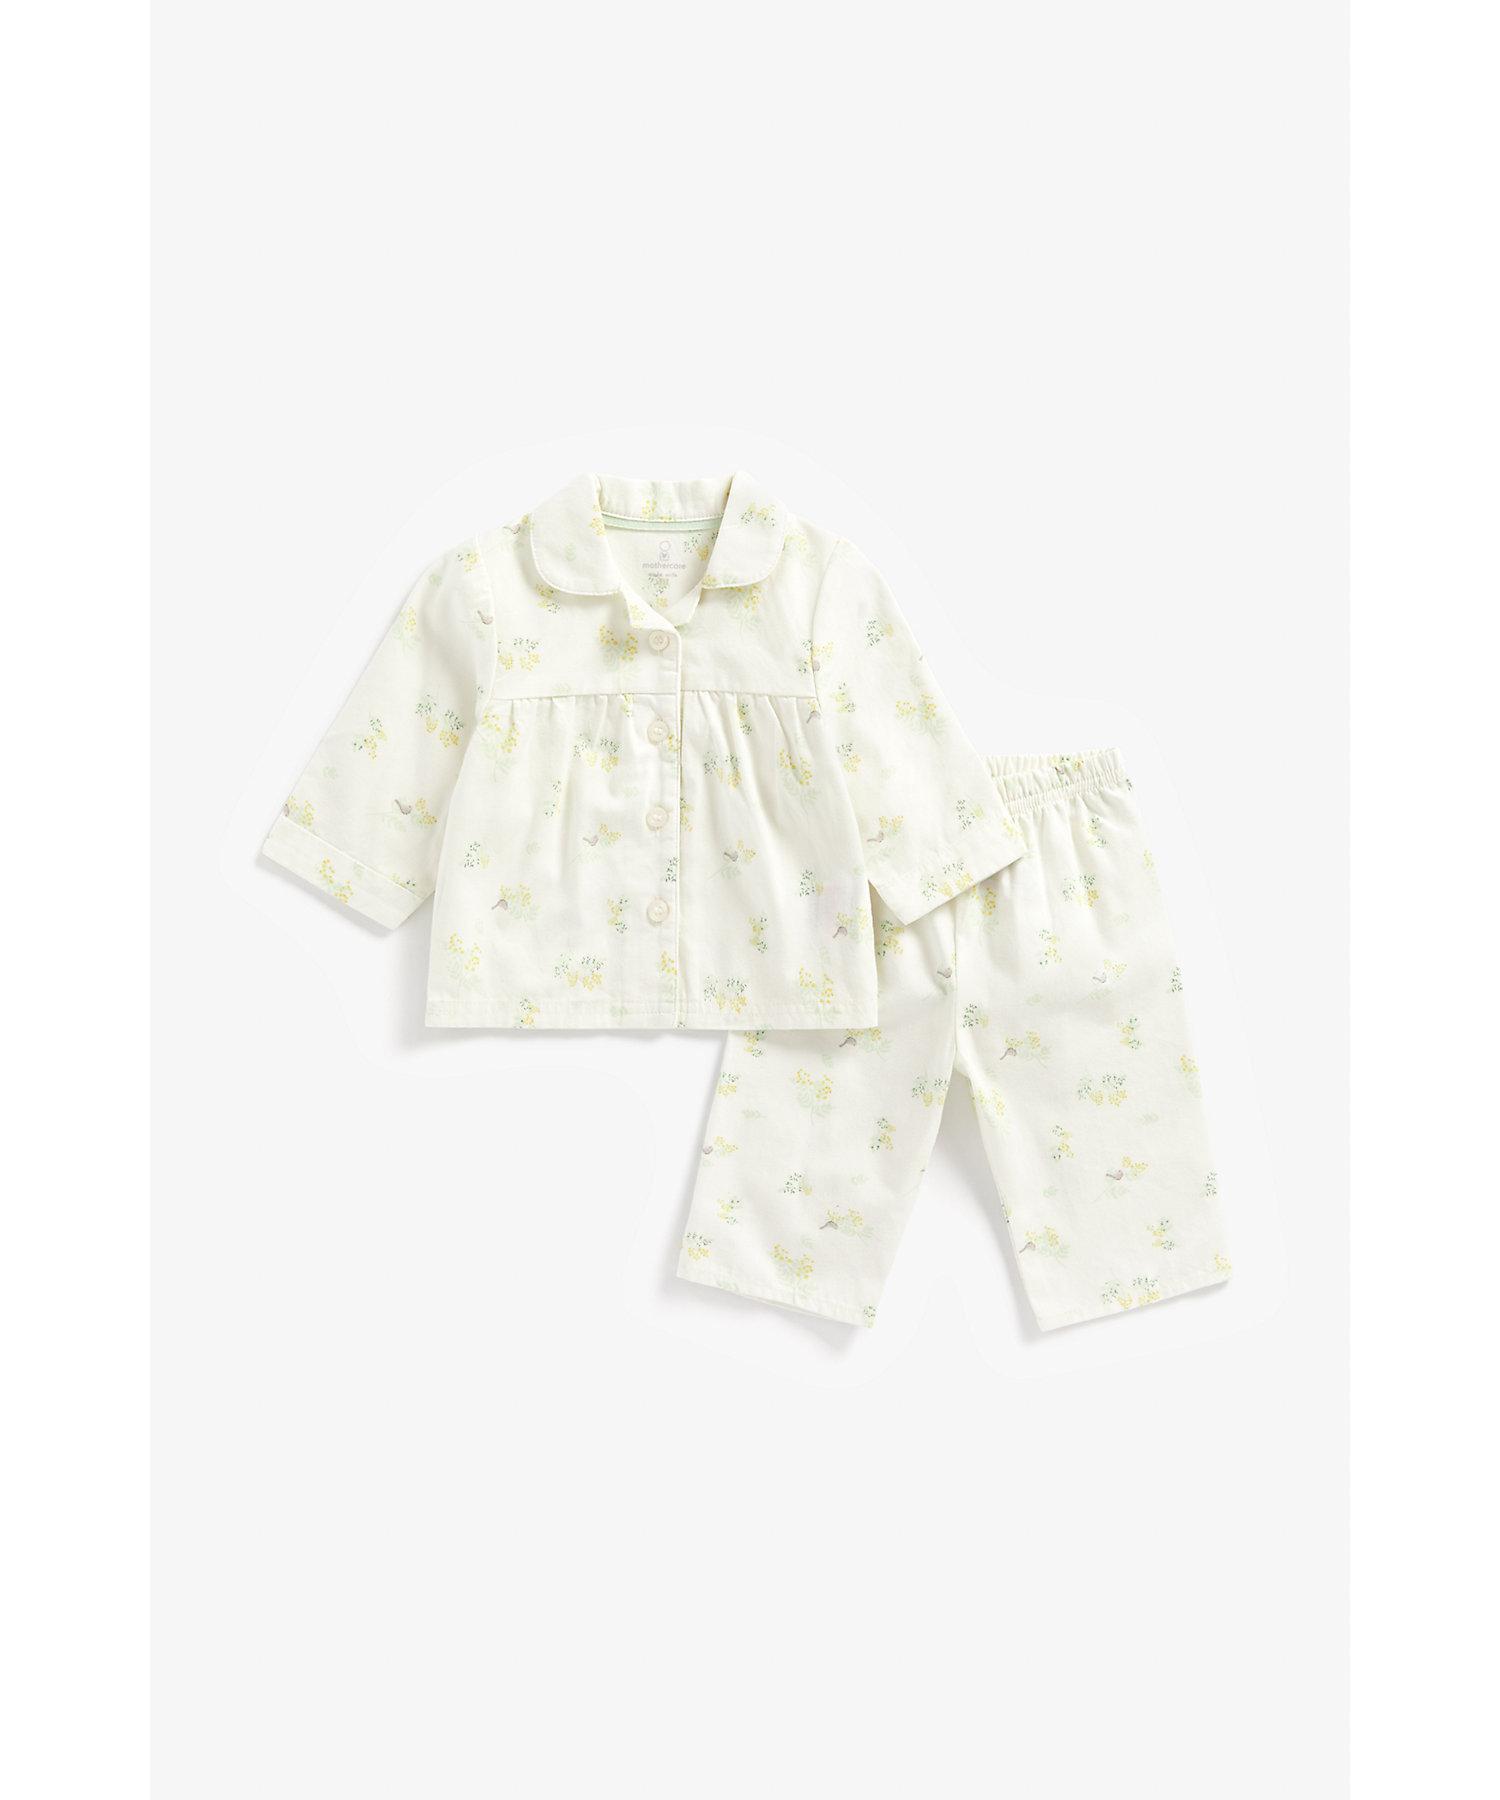 Mothercare | Girls Full Sleeves Pyjama Set Flower Print - White